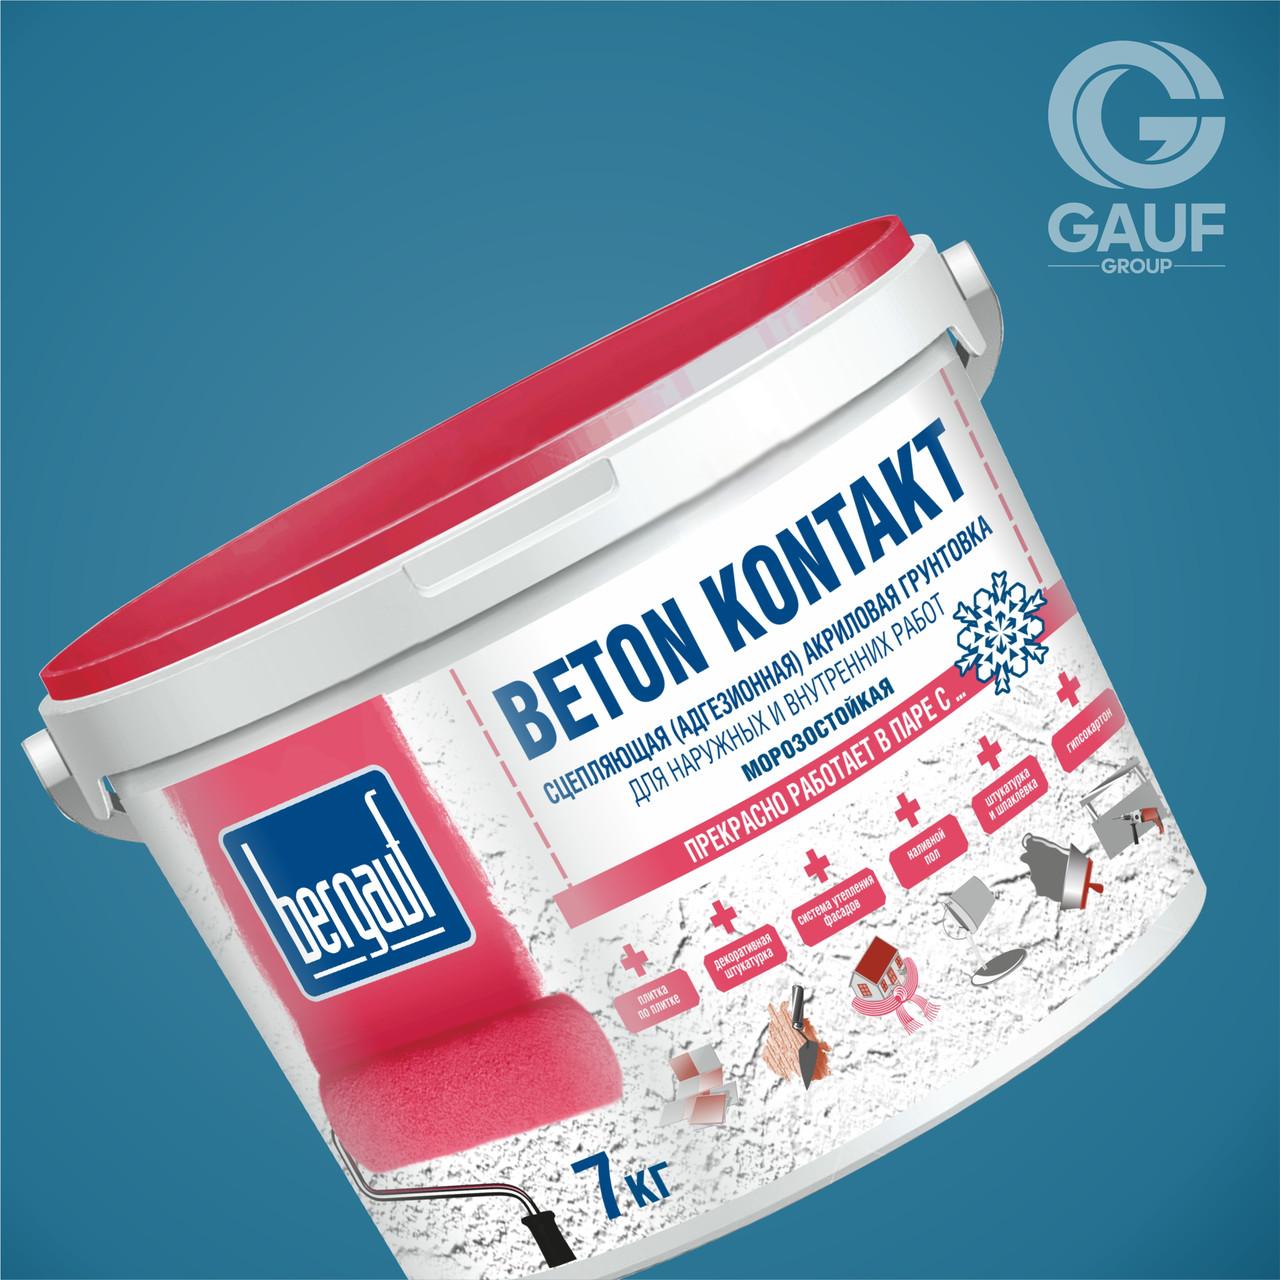 BETON KONTAKT, Сцепляющая (адгезионная) акриловая грунтовка, 7 кг . Летняя версия